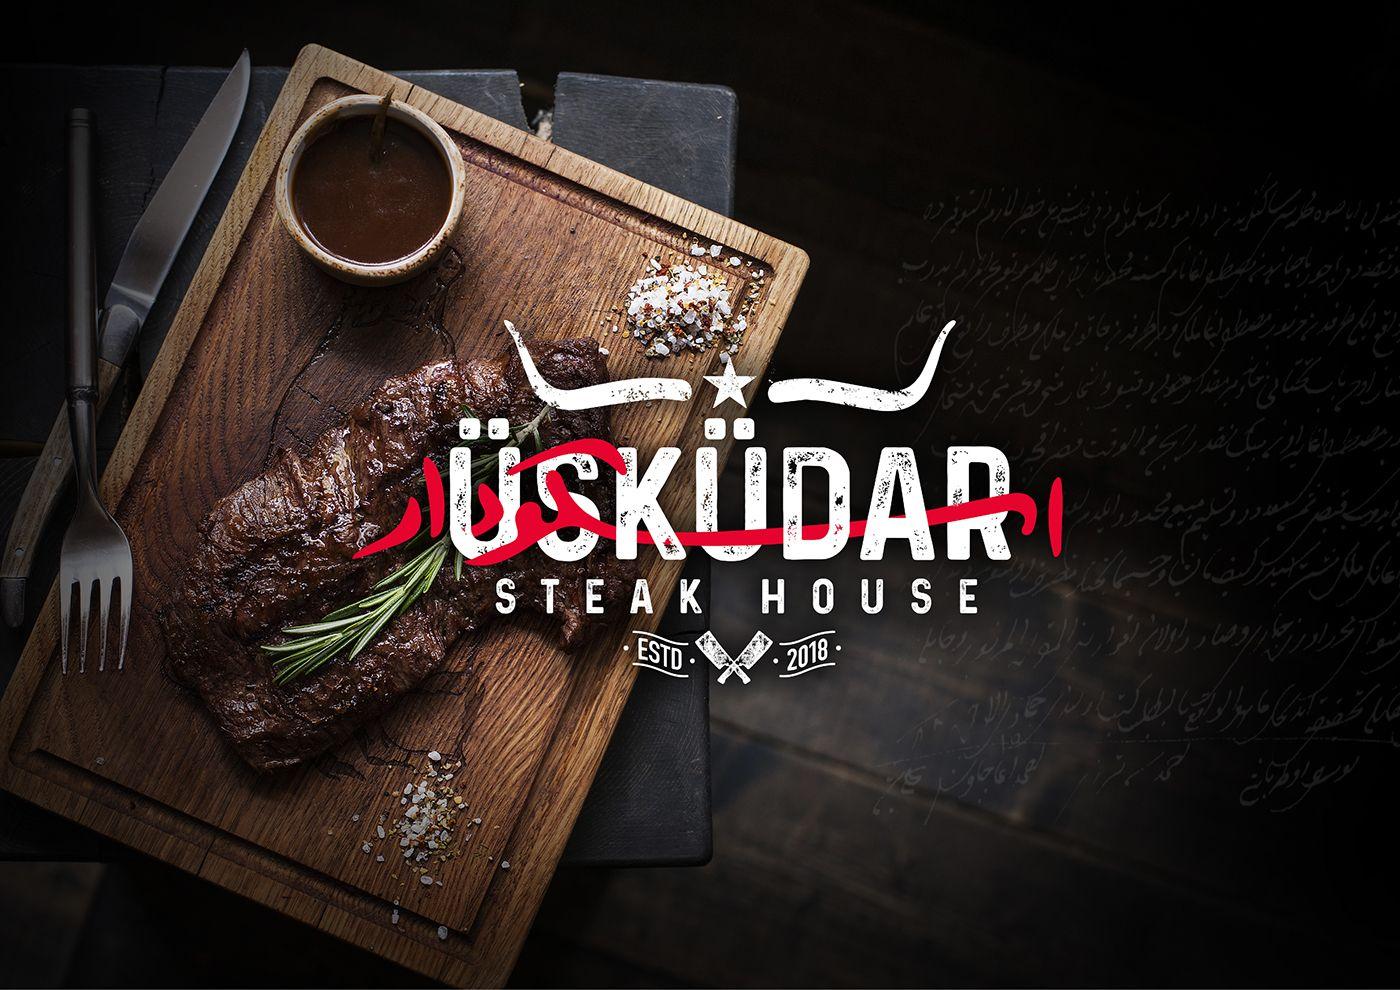 Uskudar Turkish American Steak House On Behance In 2020 American Steak Steakhouse Steak